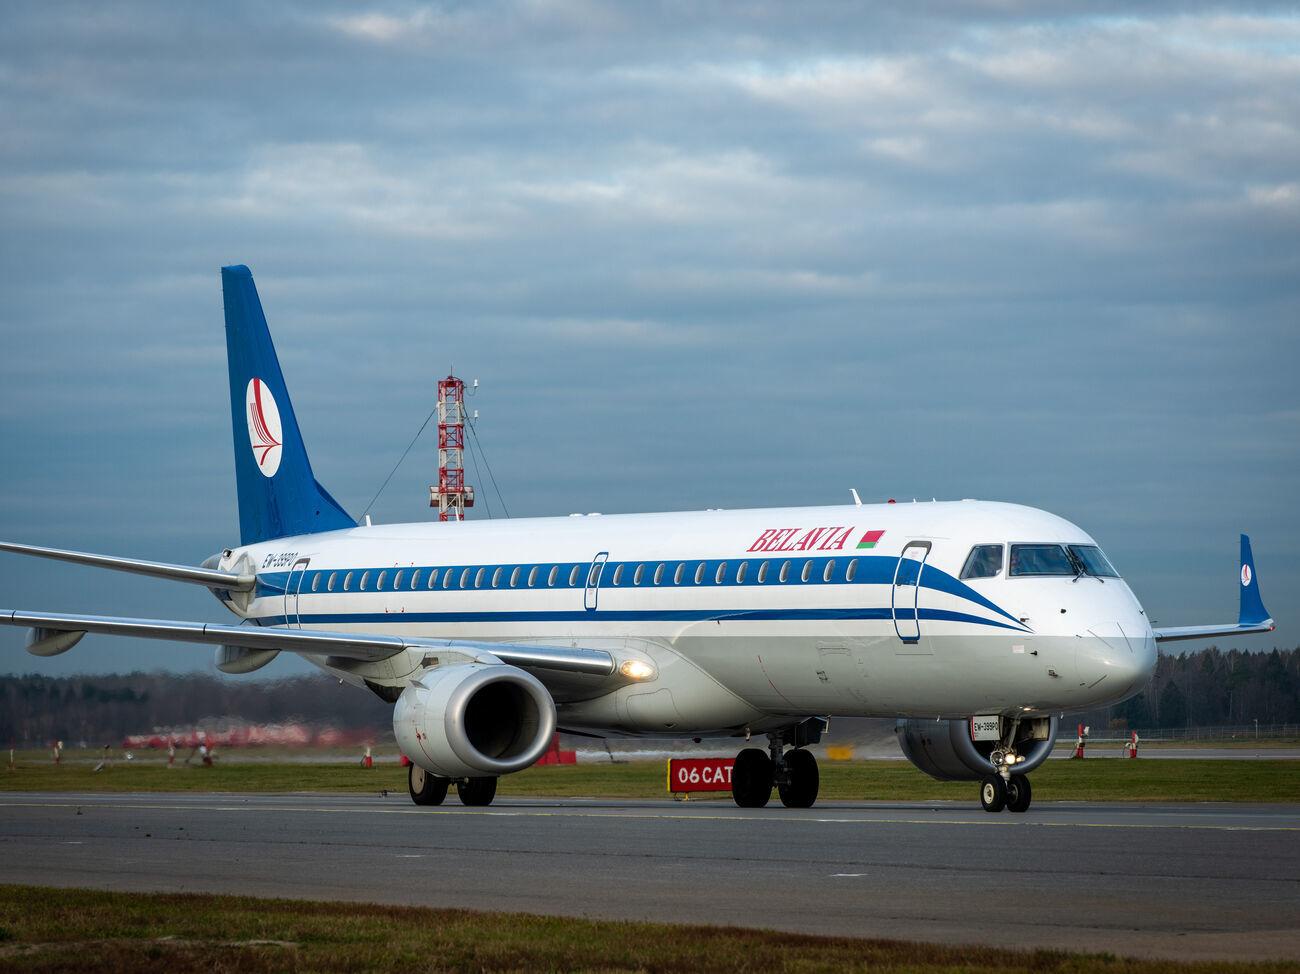 В ЕС приняли важное решение по белорусским самолетам, летящим в Европу: СМИ озвучили детали